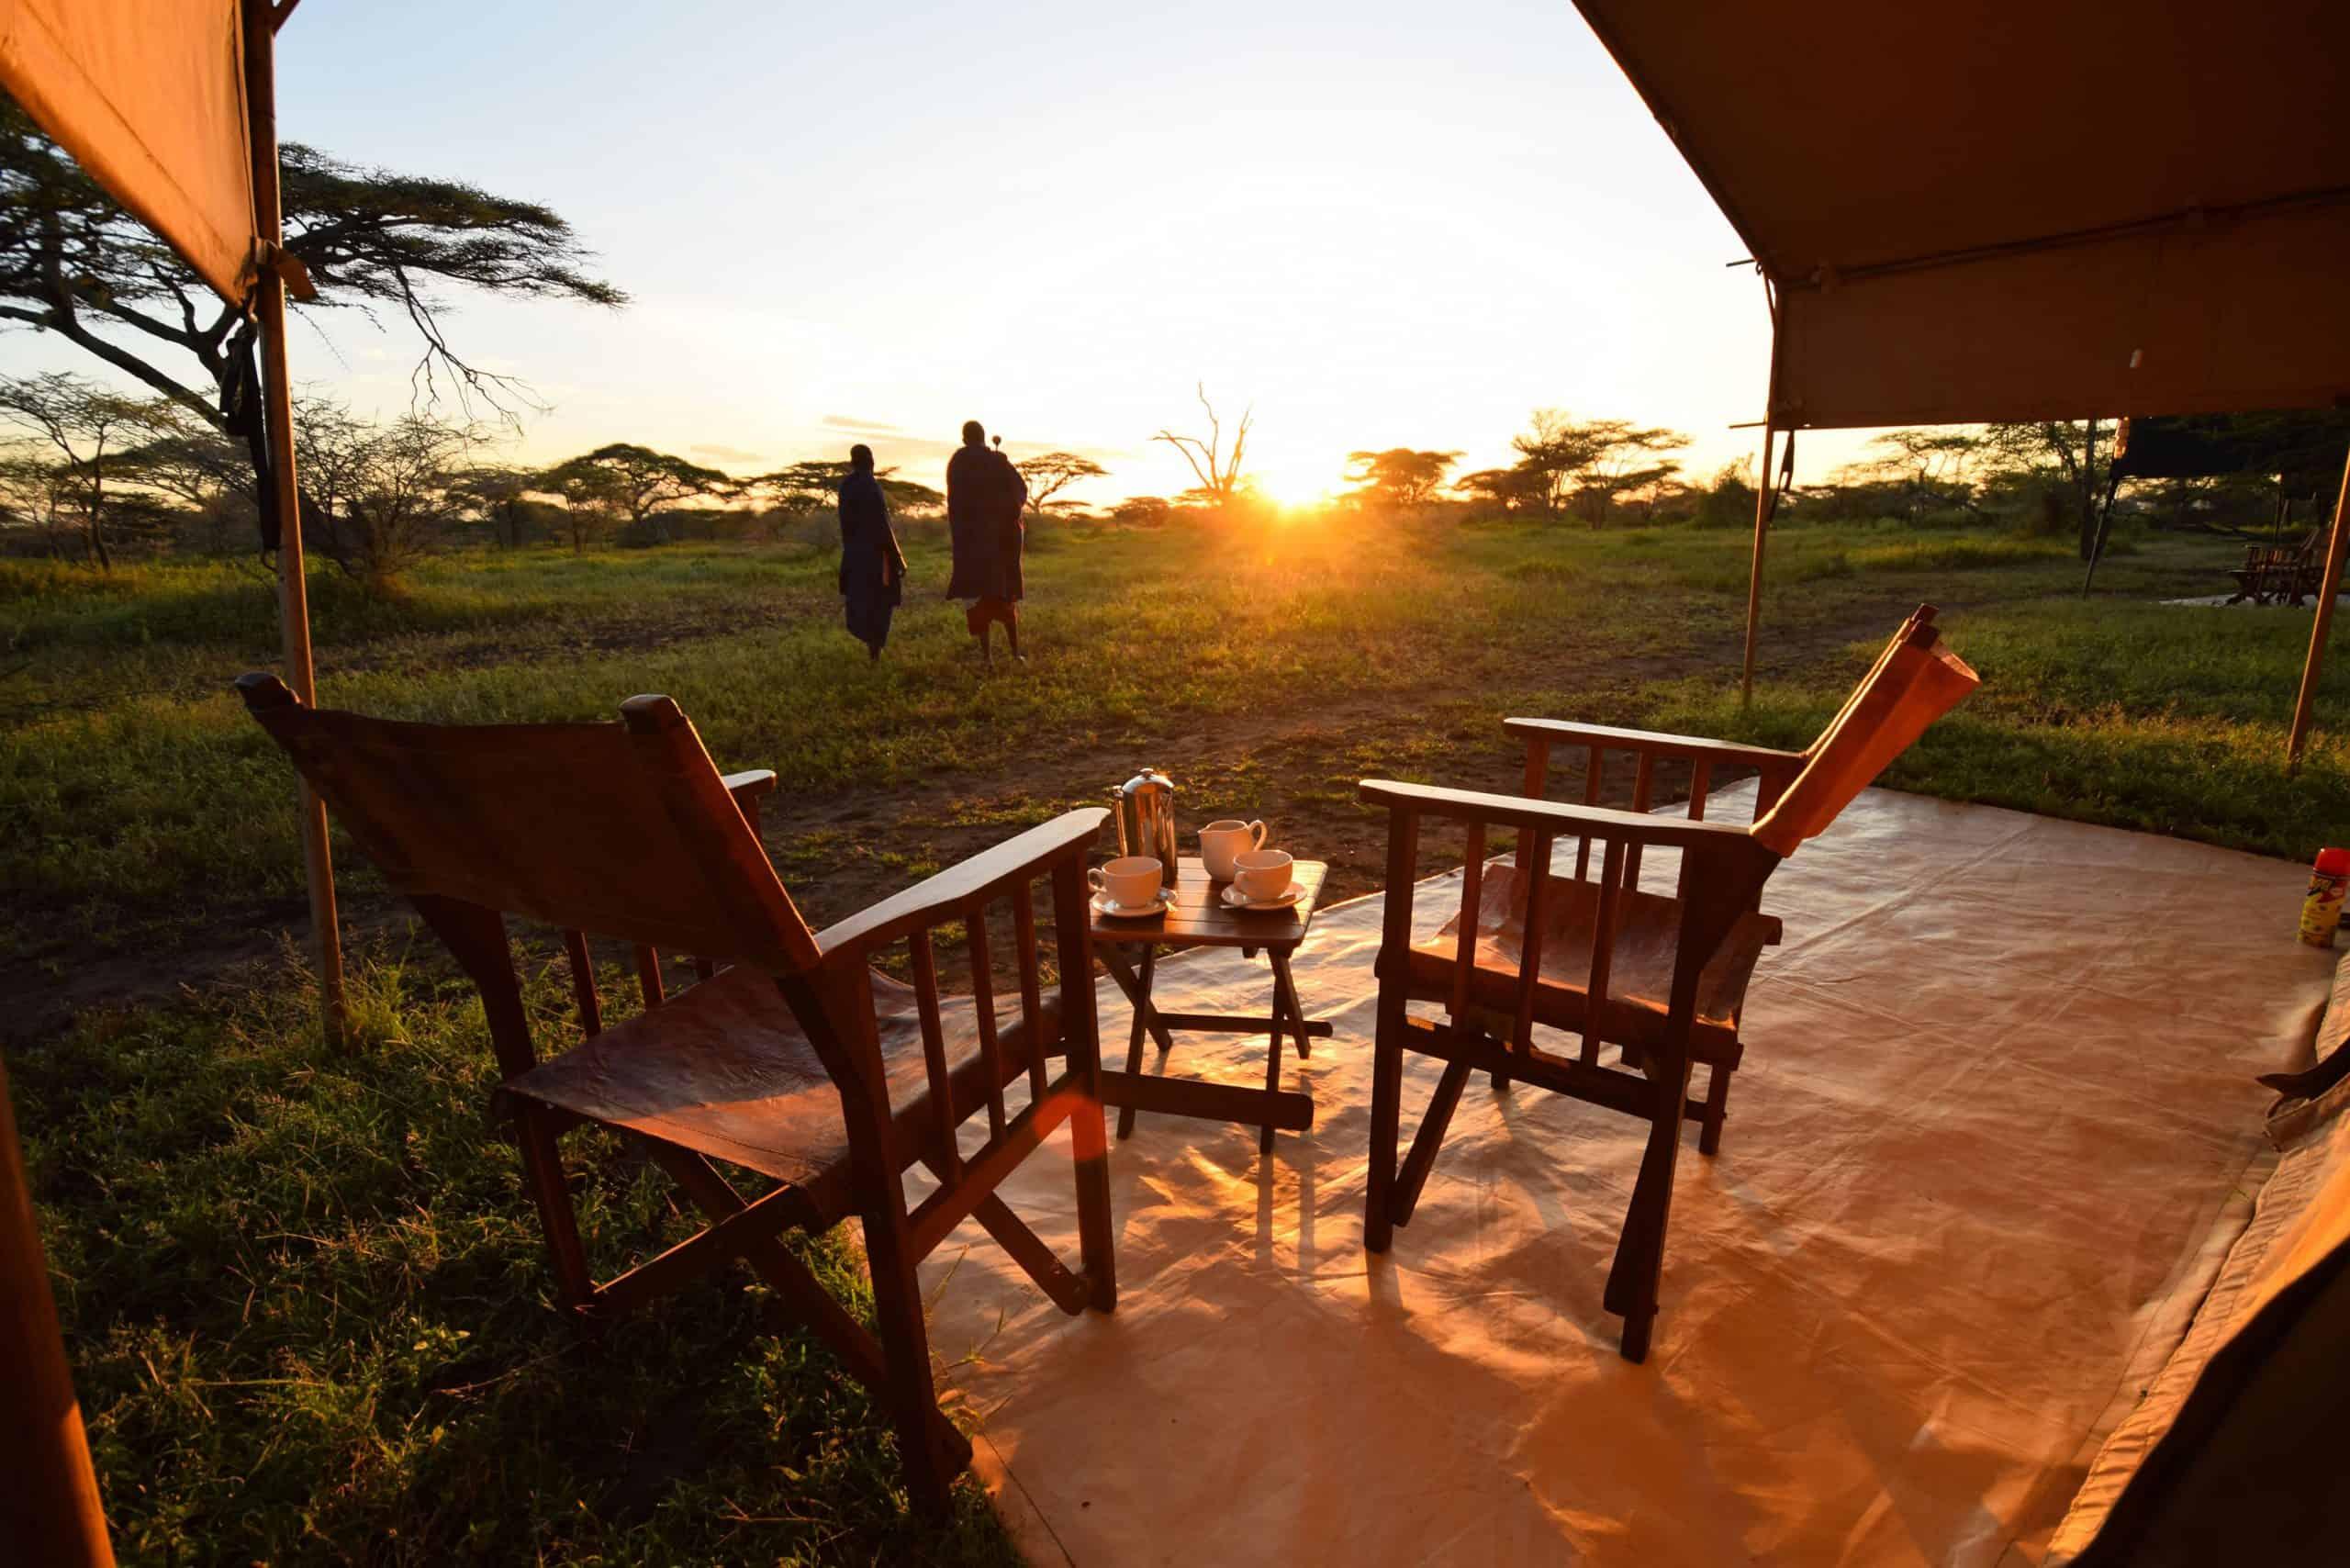 African Safari Tanzania Accomodation Holidays Safari Park Tour Ndutu Serengeti Center Gallery 13 4496x3000